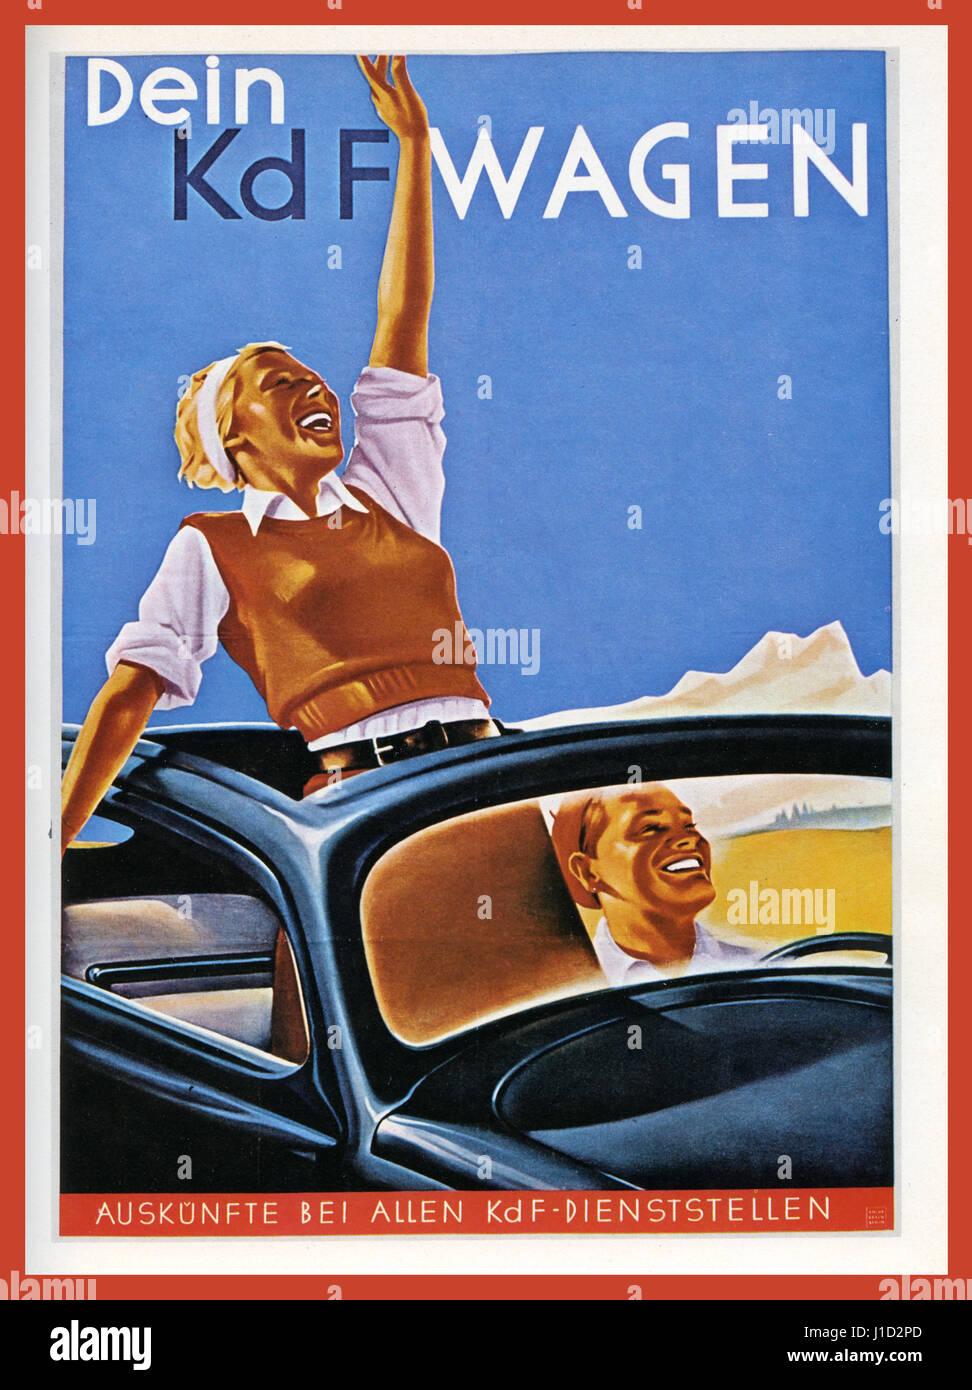 propagandaplakat 1930er jahren deutschland volkswagen mit kraft durch freude kdf wagen kraft. Black Bedroom Furniture Sets. Home Design Ideas